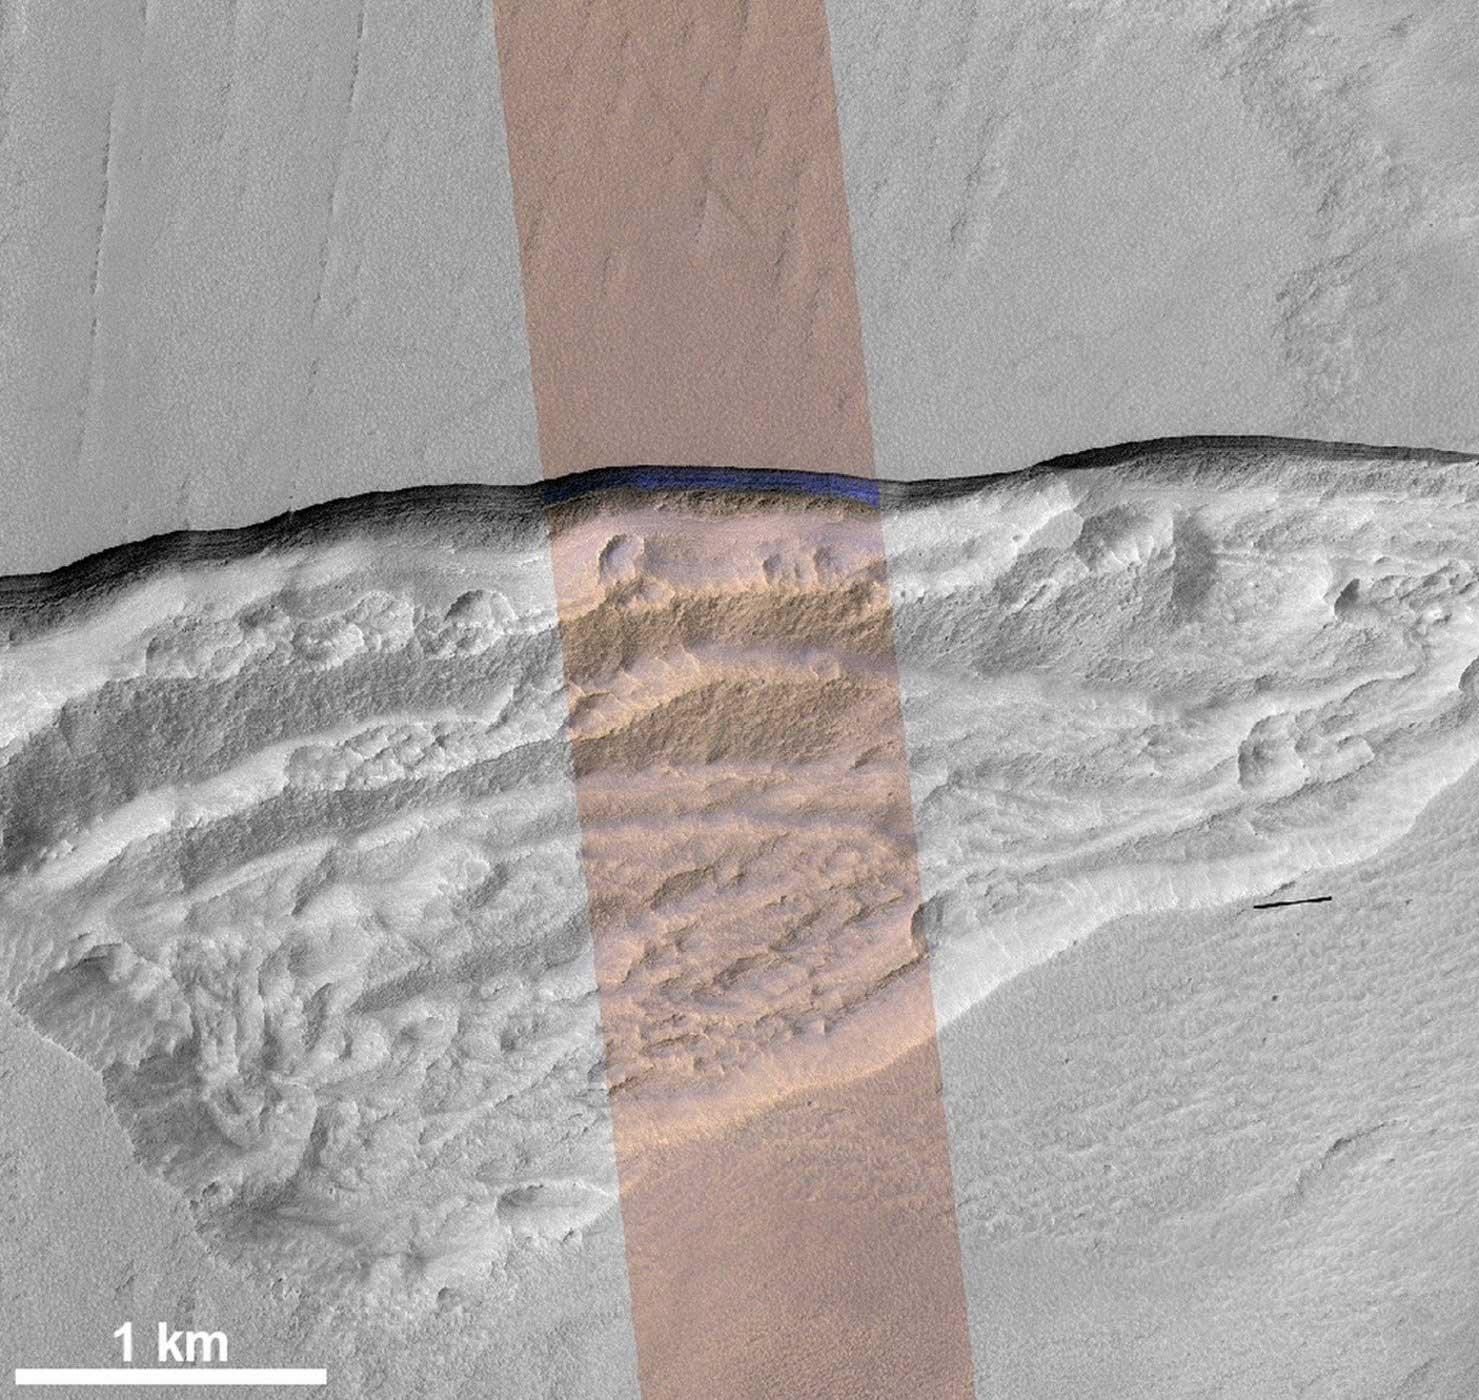 کشف هیجانانگیز ناسا: کافی است سطح مریخ را چند متر حفر کنید تا به آب برسید+تصاویر